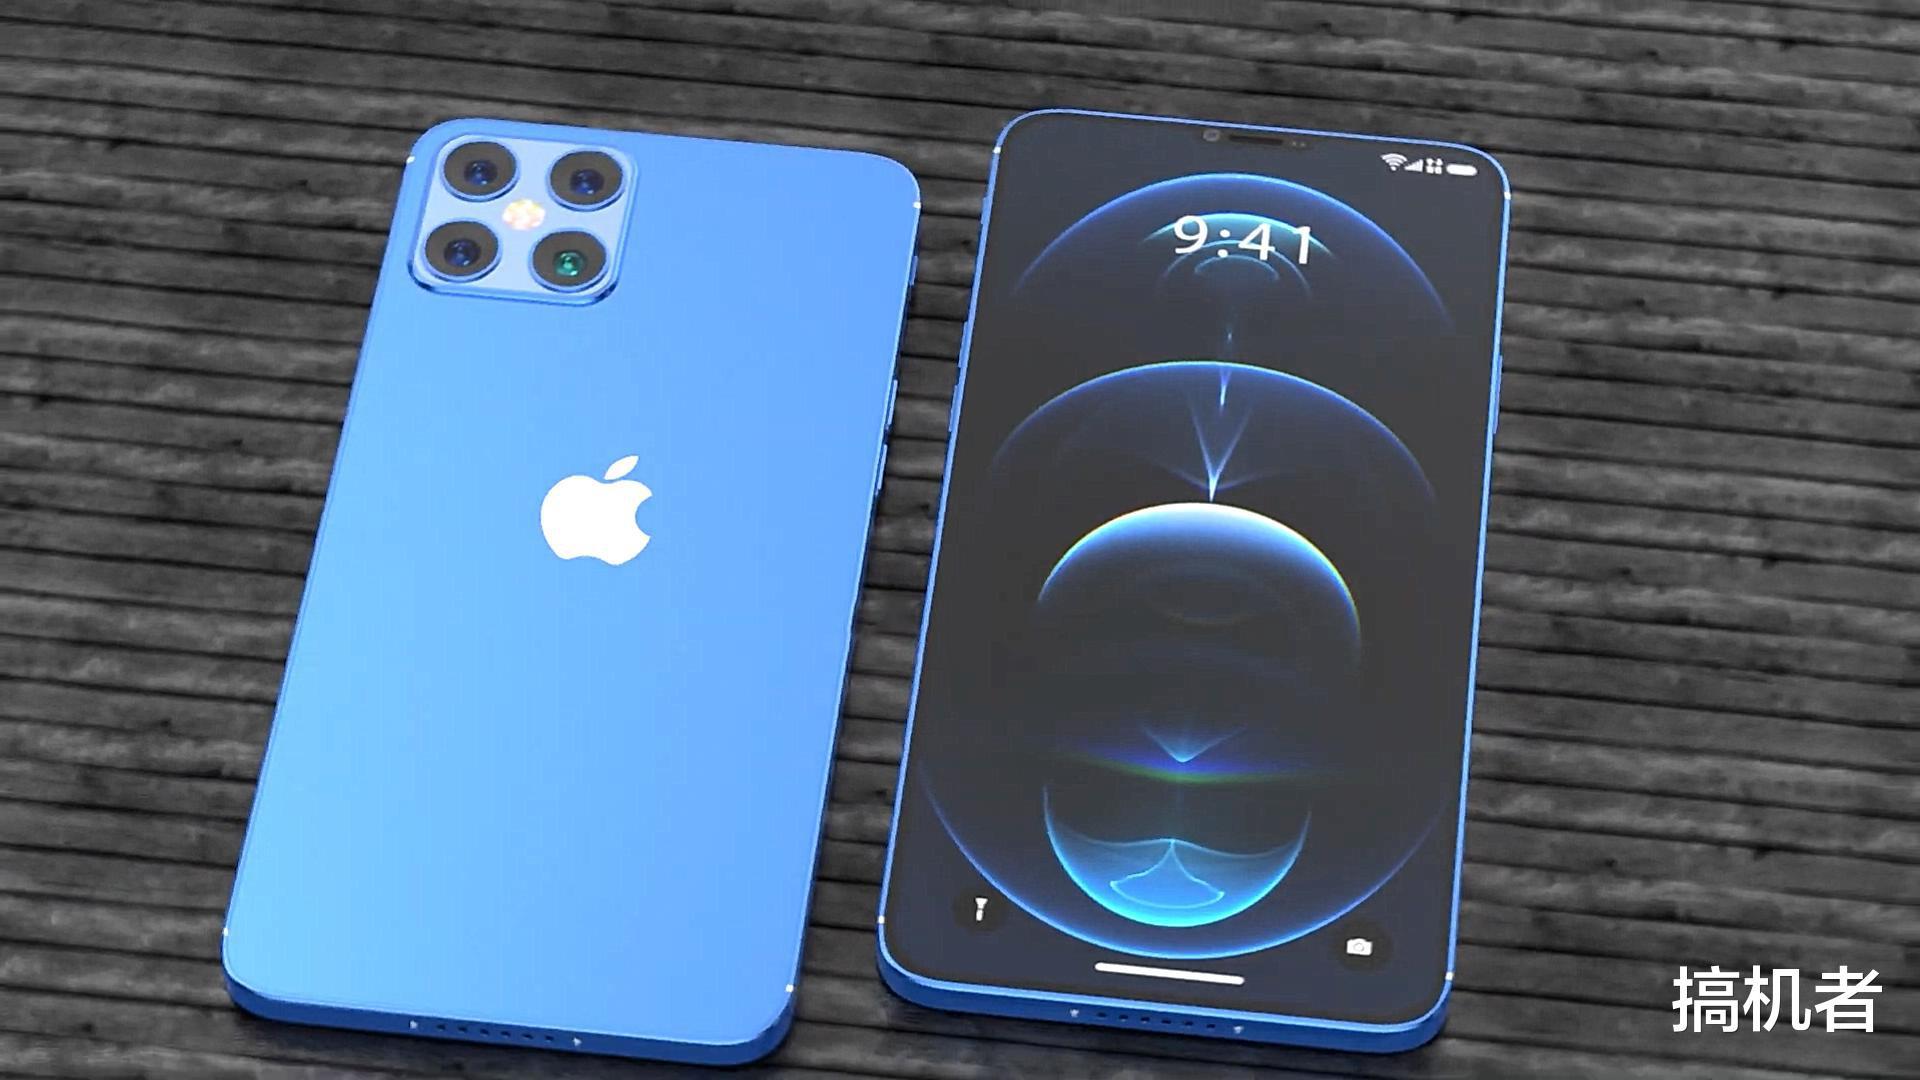 这些变化让iPhone13Pro发布,你觉得卖多少钱合适呢? 好物评测 第1张